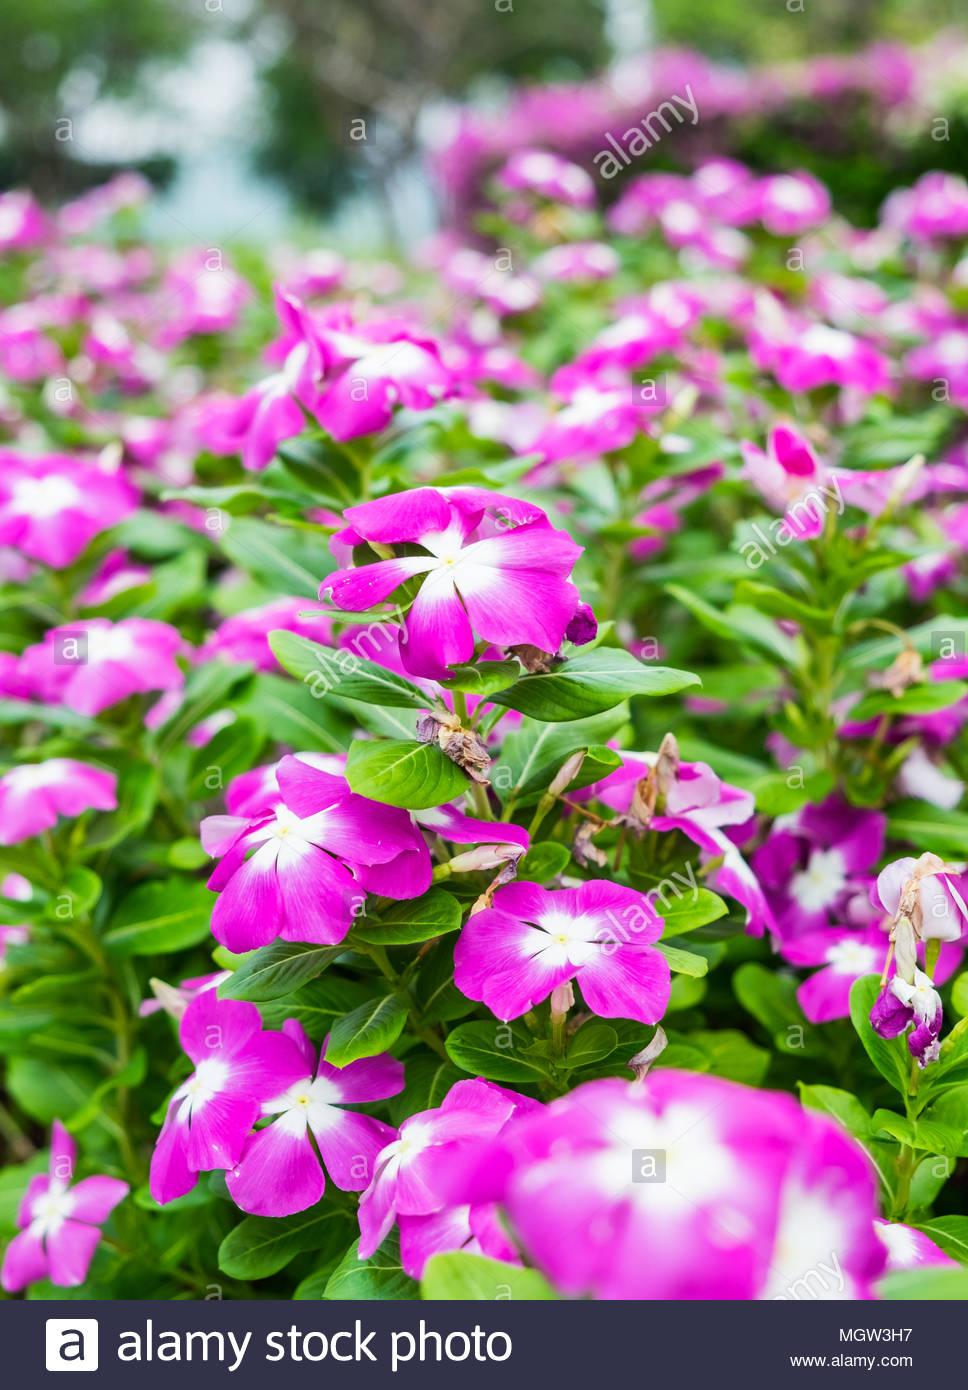 Watercressvinca Flower Bush Pink White Bloom Green Leaf Bright